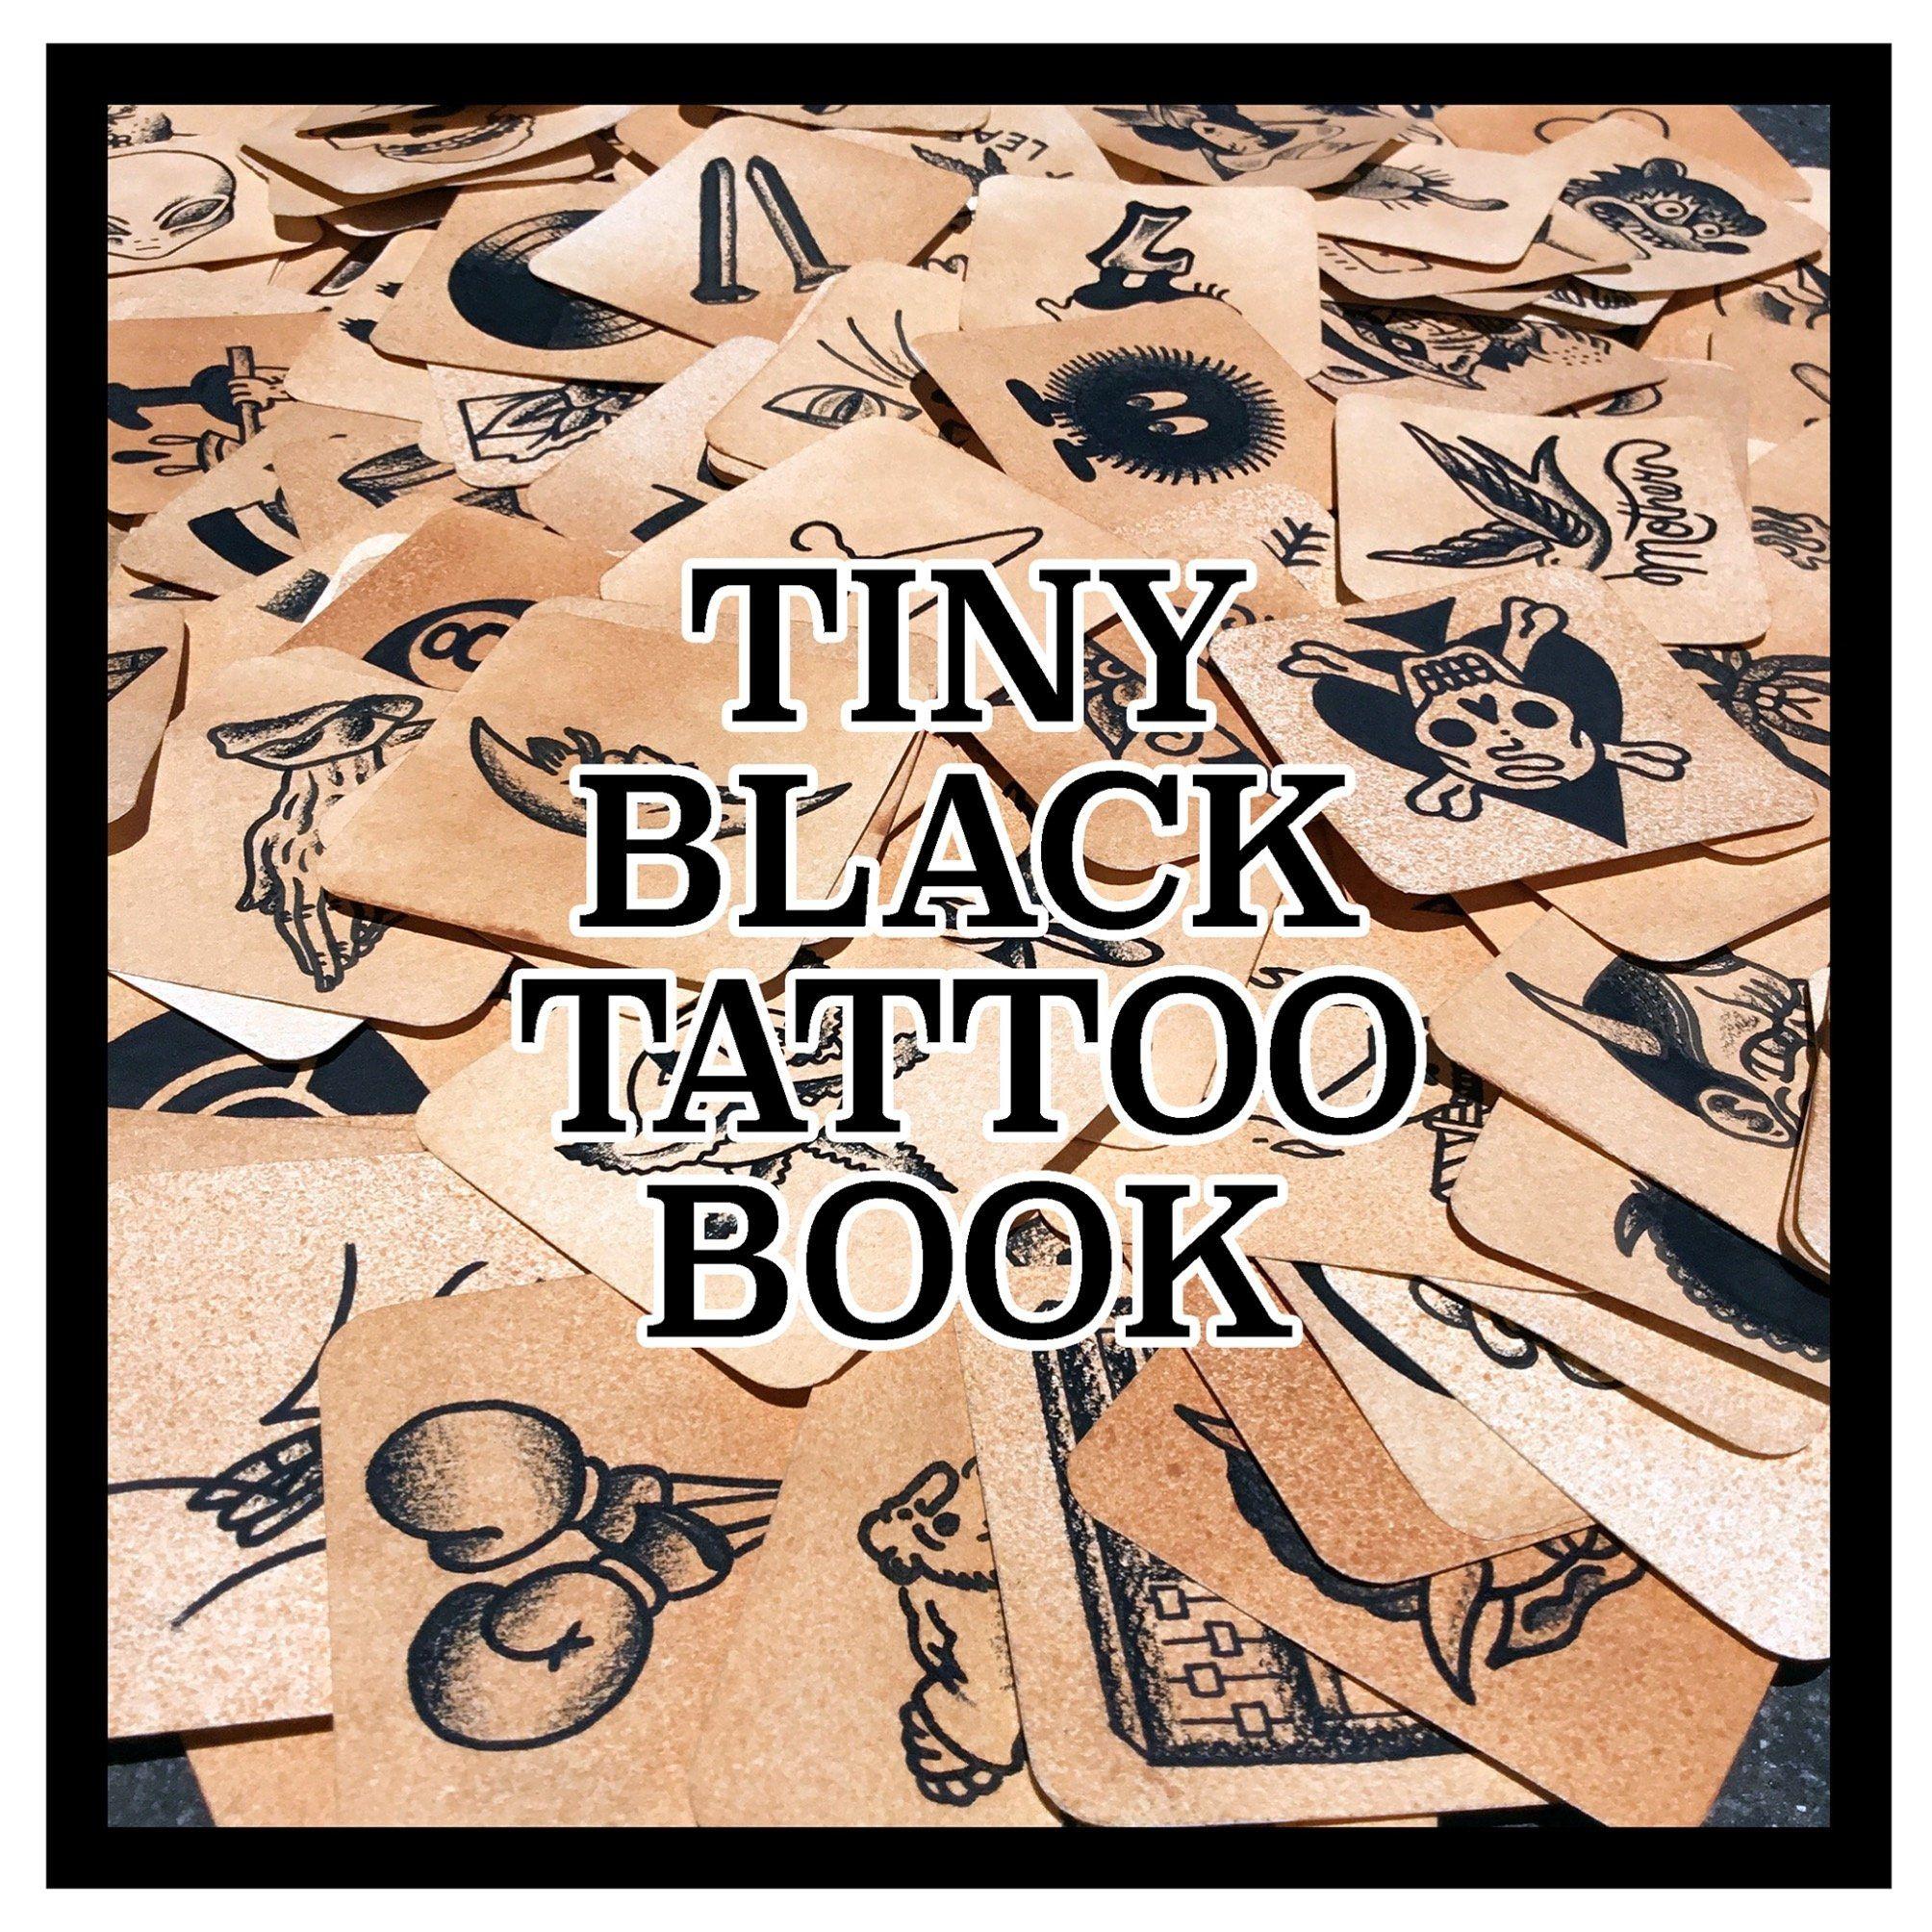 Tiny Black Tattoo Book Black Tattoos Palm Size Tattoos Tattoos